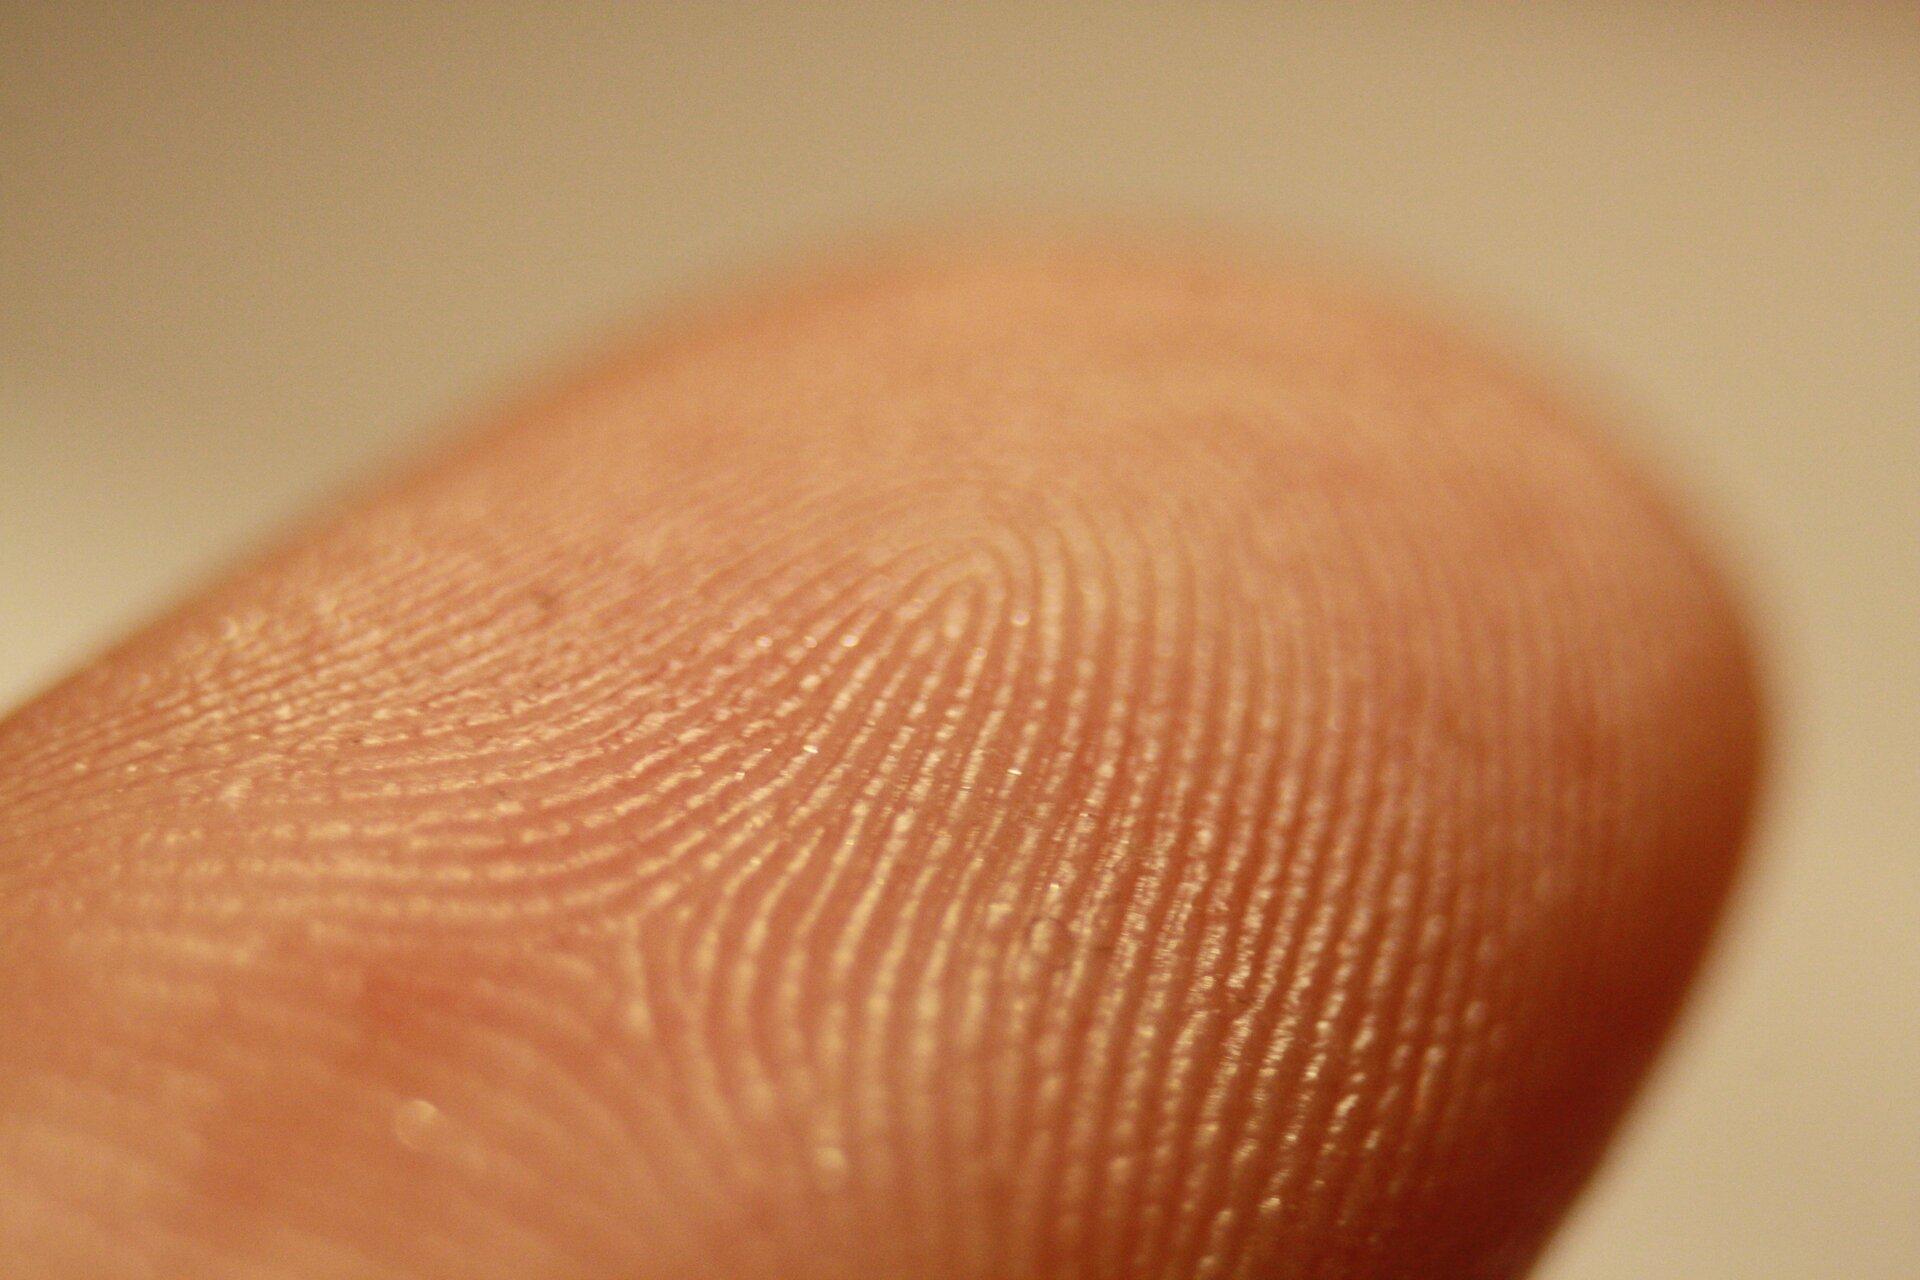 Zdjęcie przedstawia zbliżenie opuszka palca człowieka zwyraźnie widocznymi liniami papilarnymi